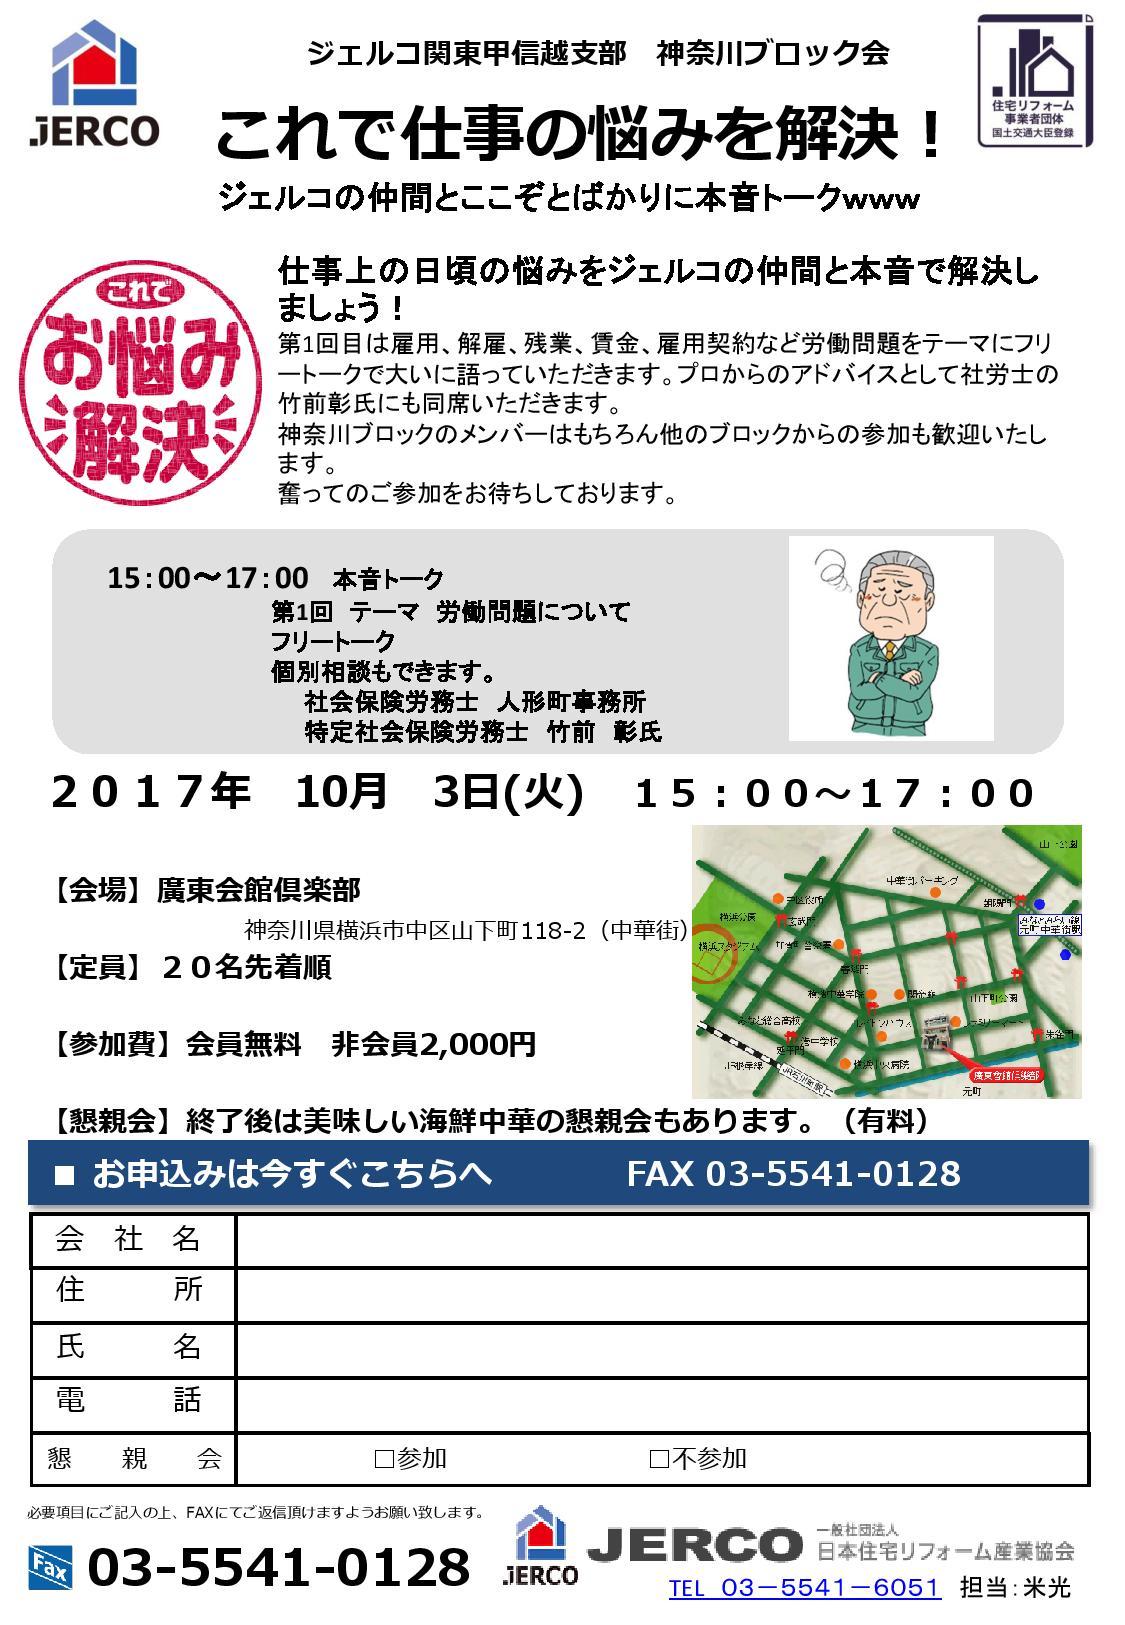 今回の神奈川ブロック会は「これで仕事の悩みを解決!」10月3日(火)開催